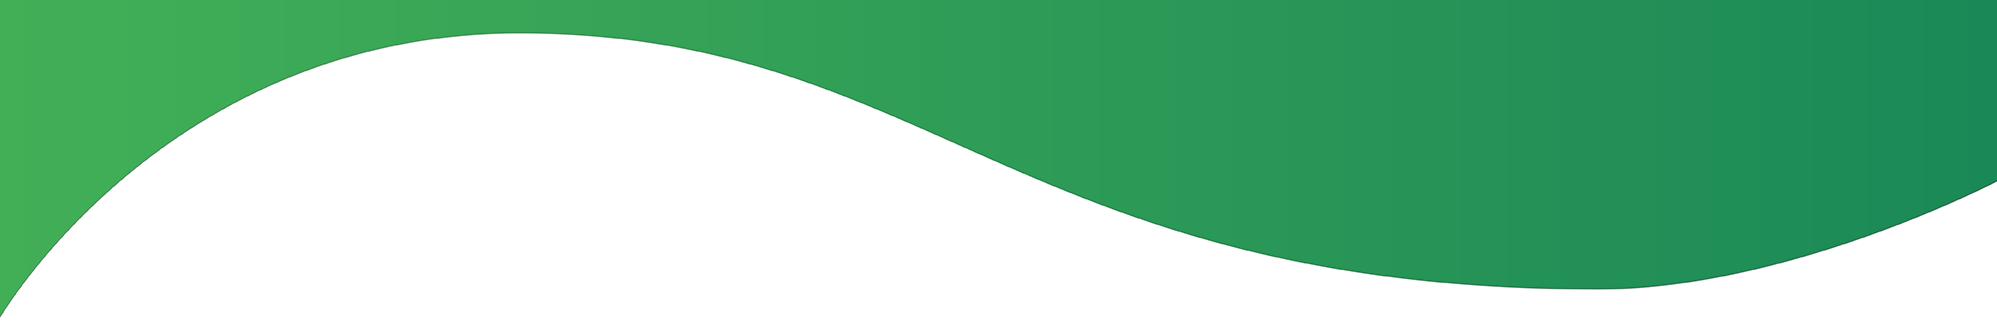 divider1-2